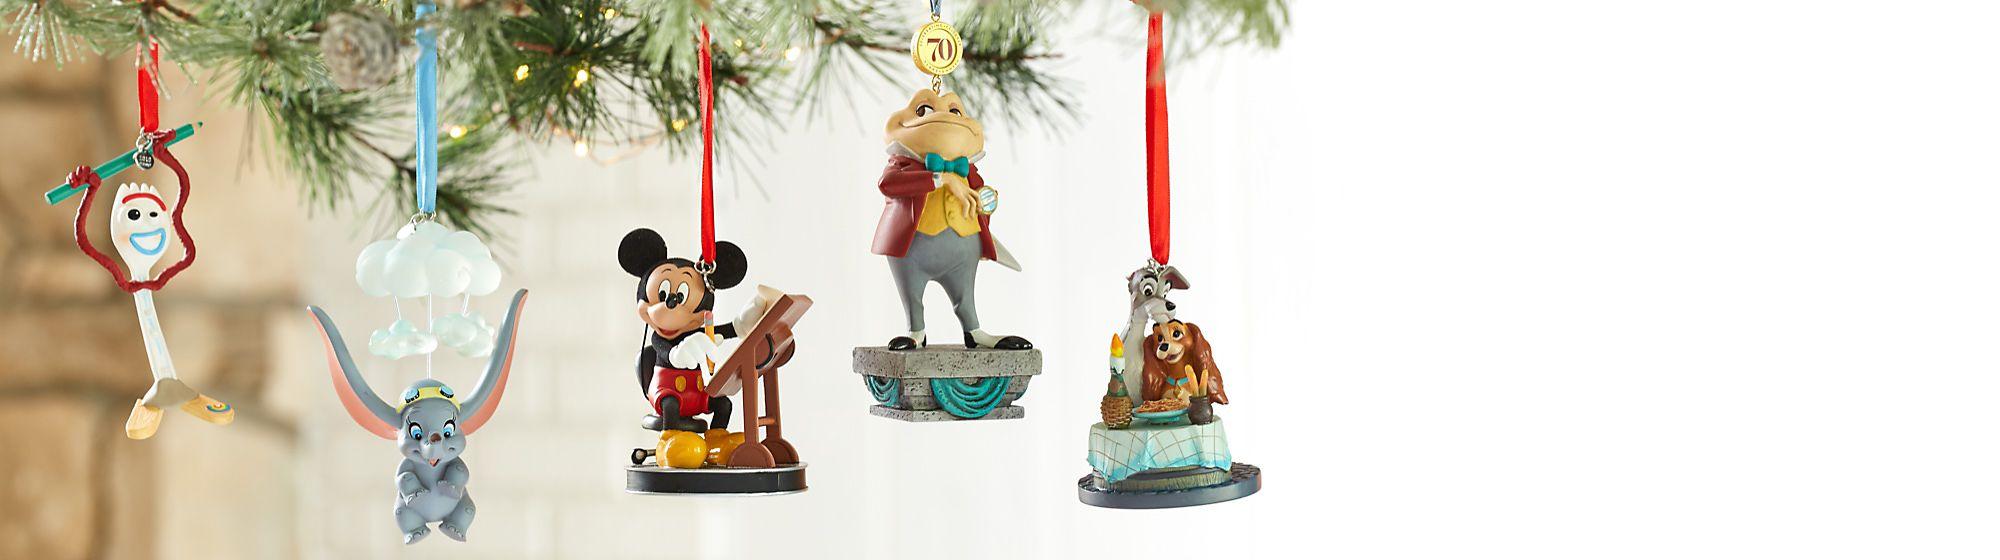 Décorations de Noël Lancez les festivités en accrochant dans votre intérieur et sur votre sapin nos décorations féériques VOIR LA COLLECTION